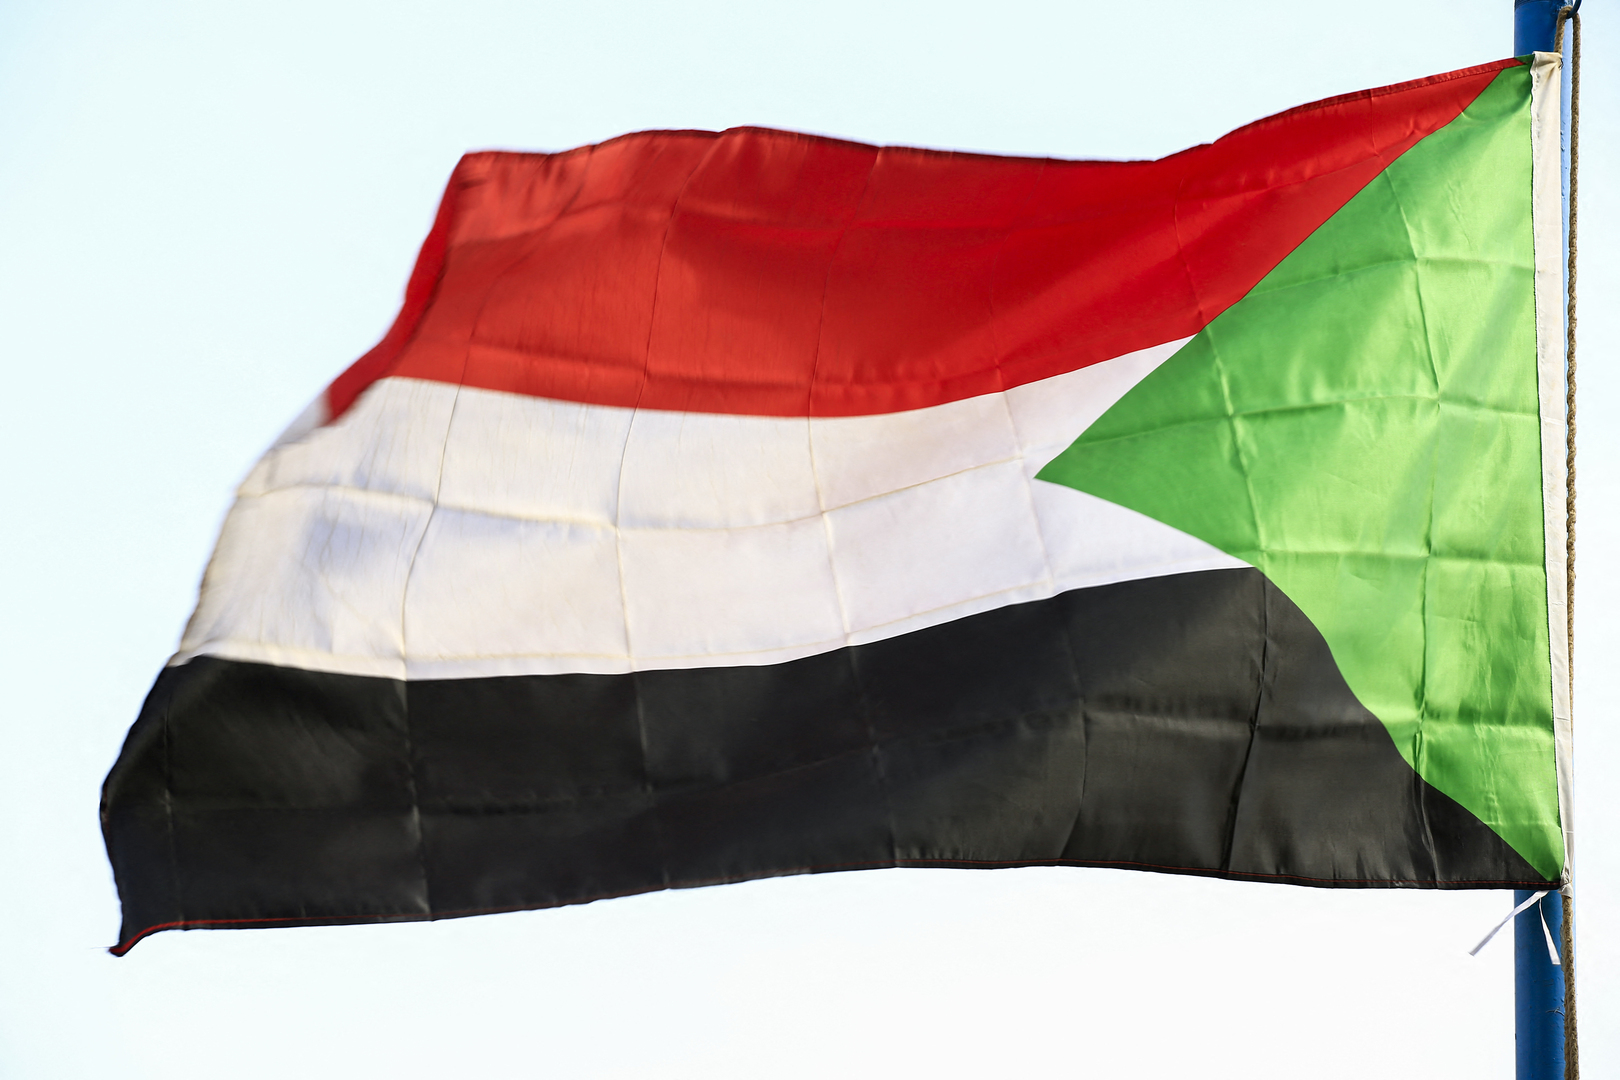 السودان.. شكاوى من حجب مواقع إخبارية والنيابة العامة تنفي أي توجيهات بهذا الصدد